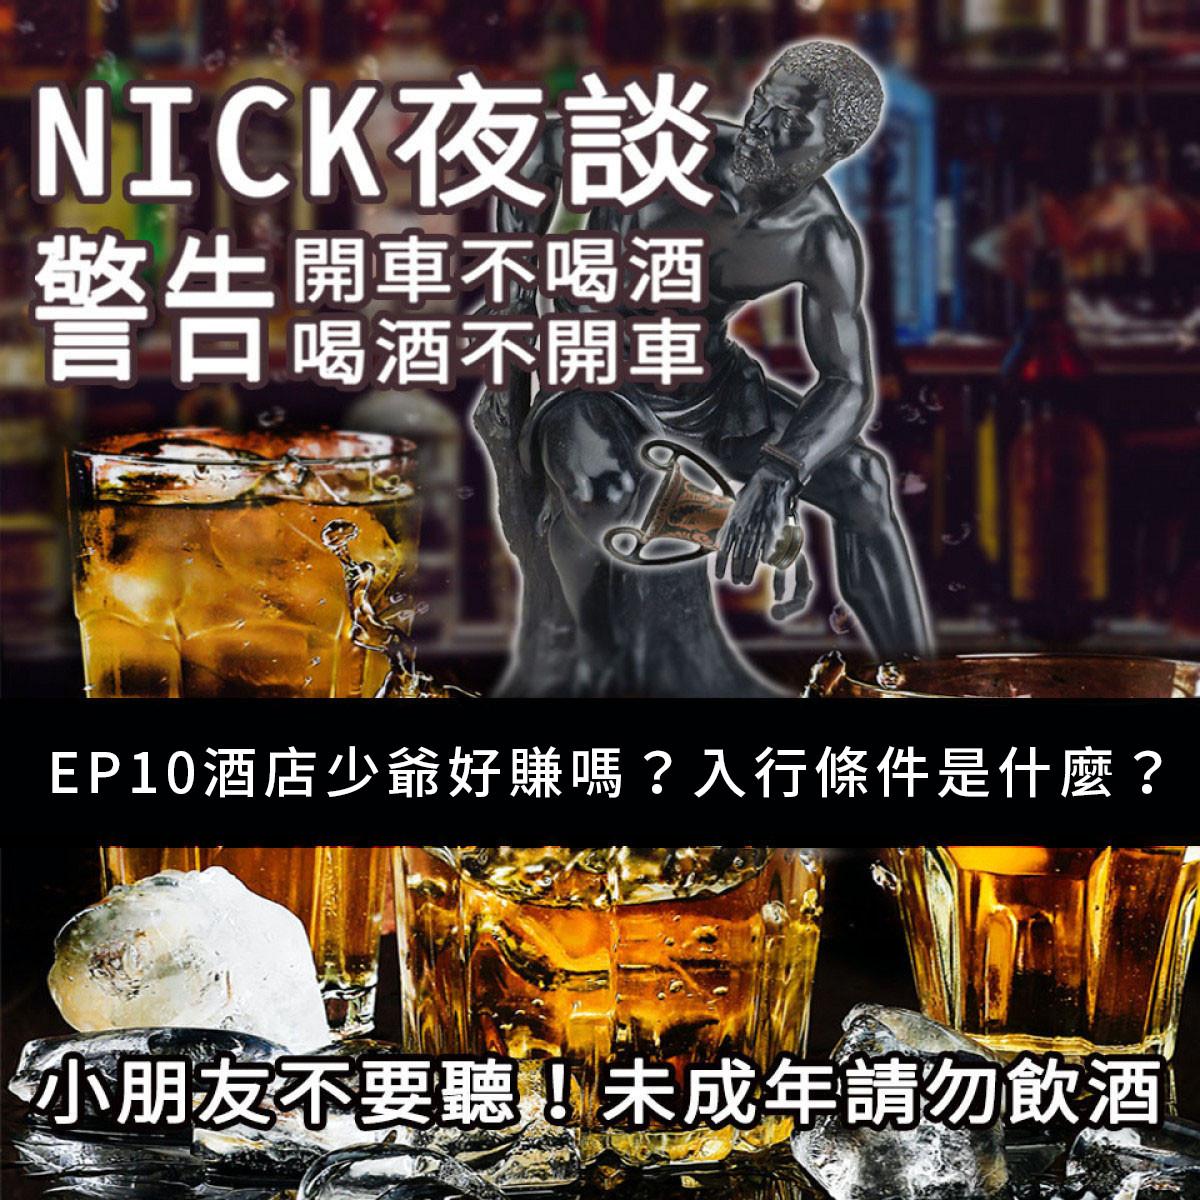 夜談第一季EP10|酒店少爺好賺嗎?入職條件是什麼呢?